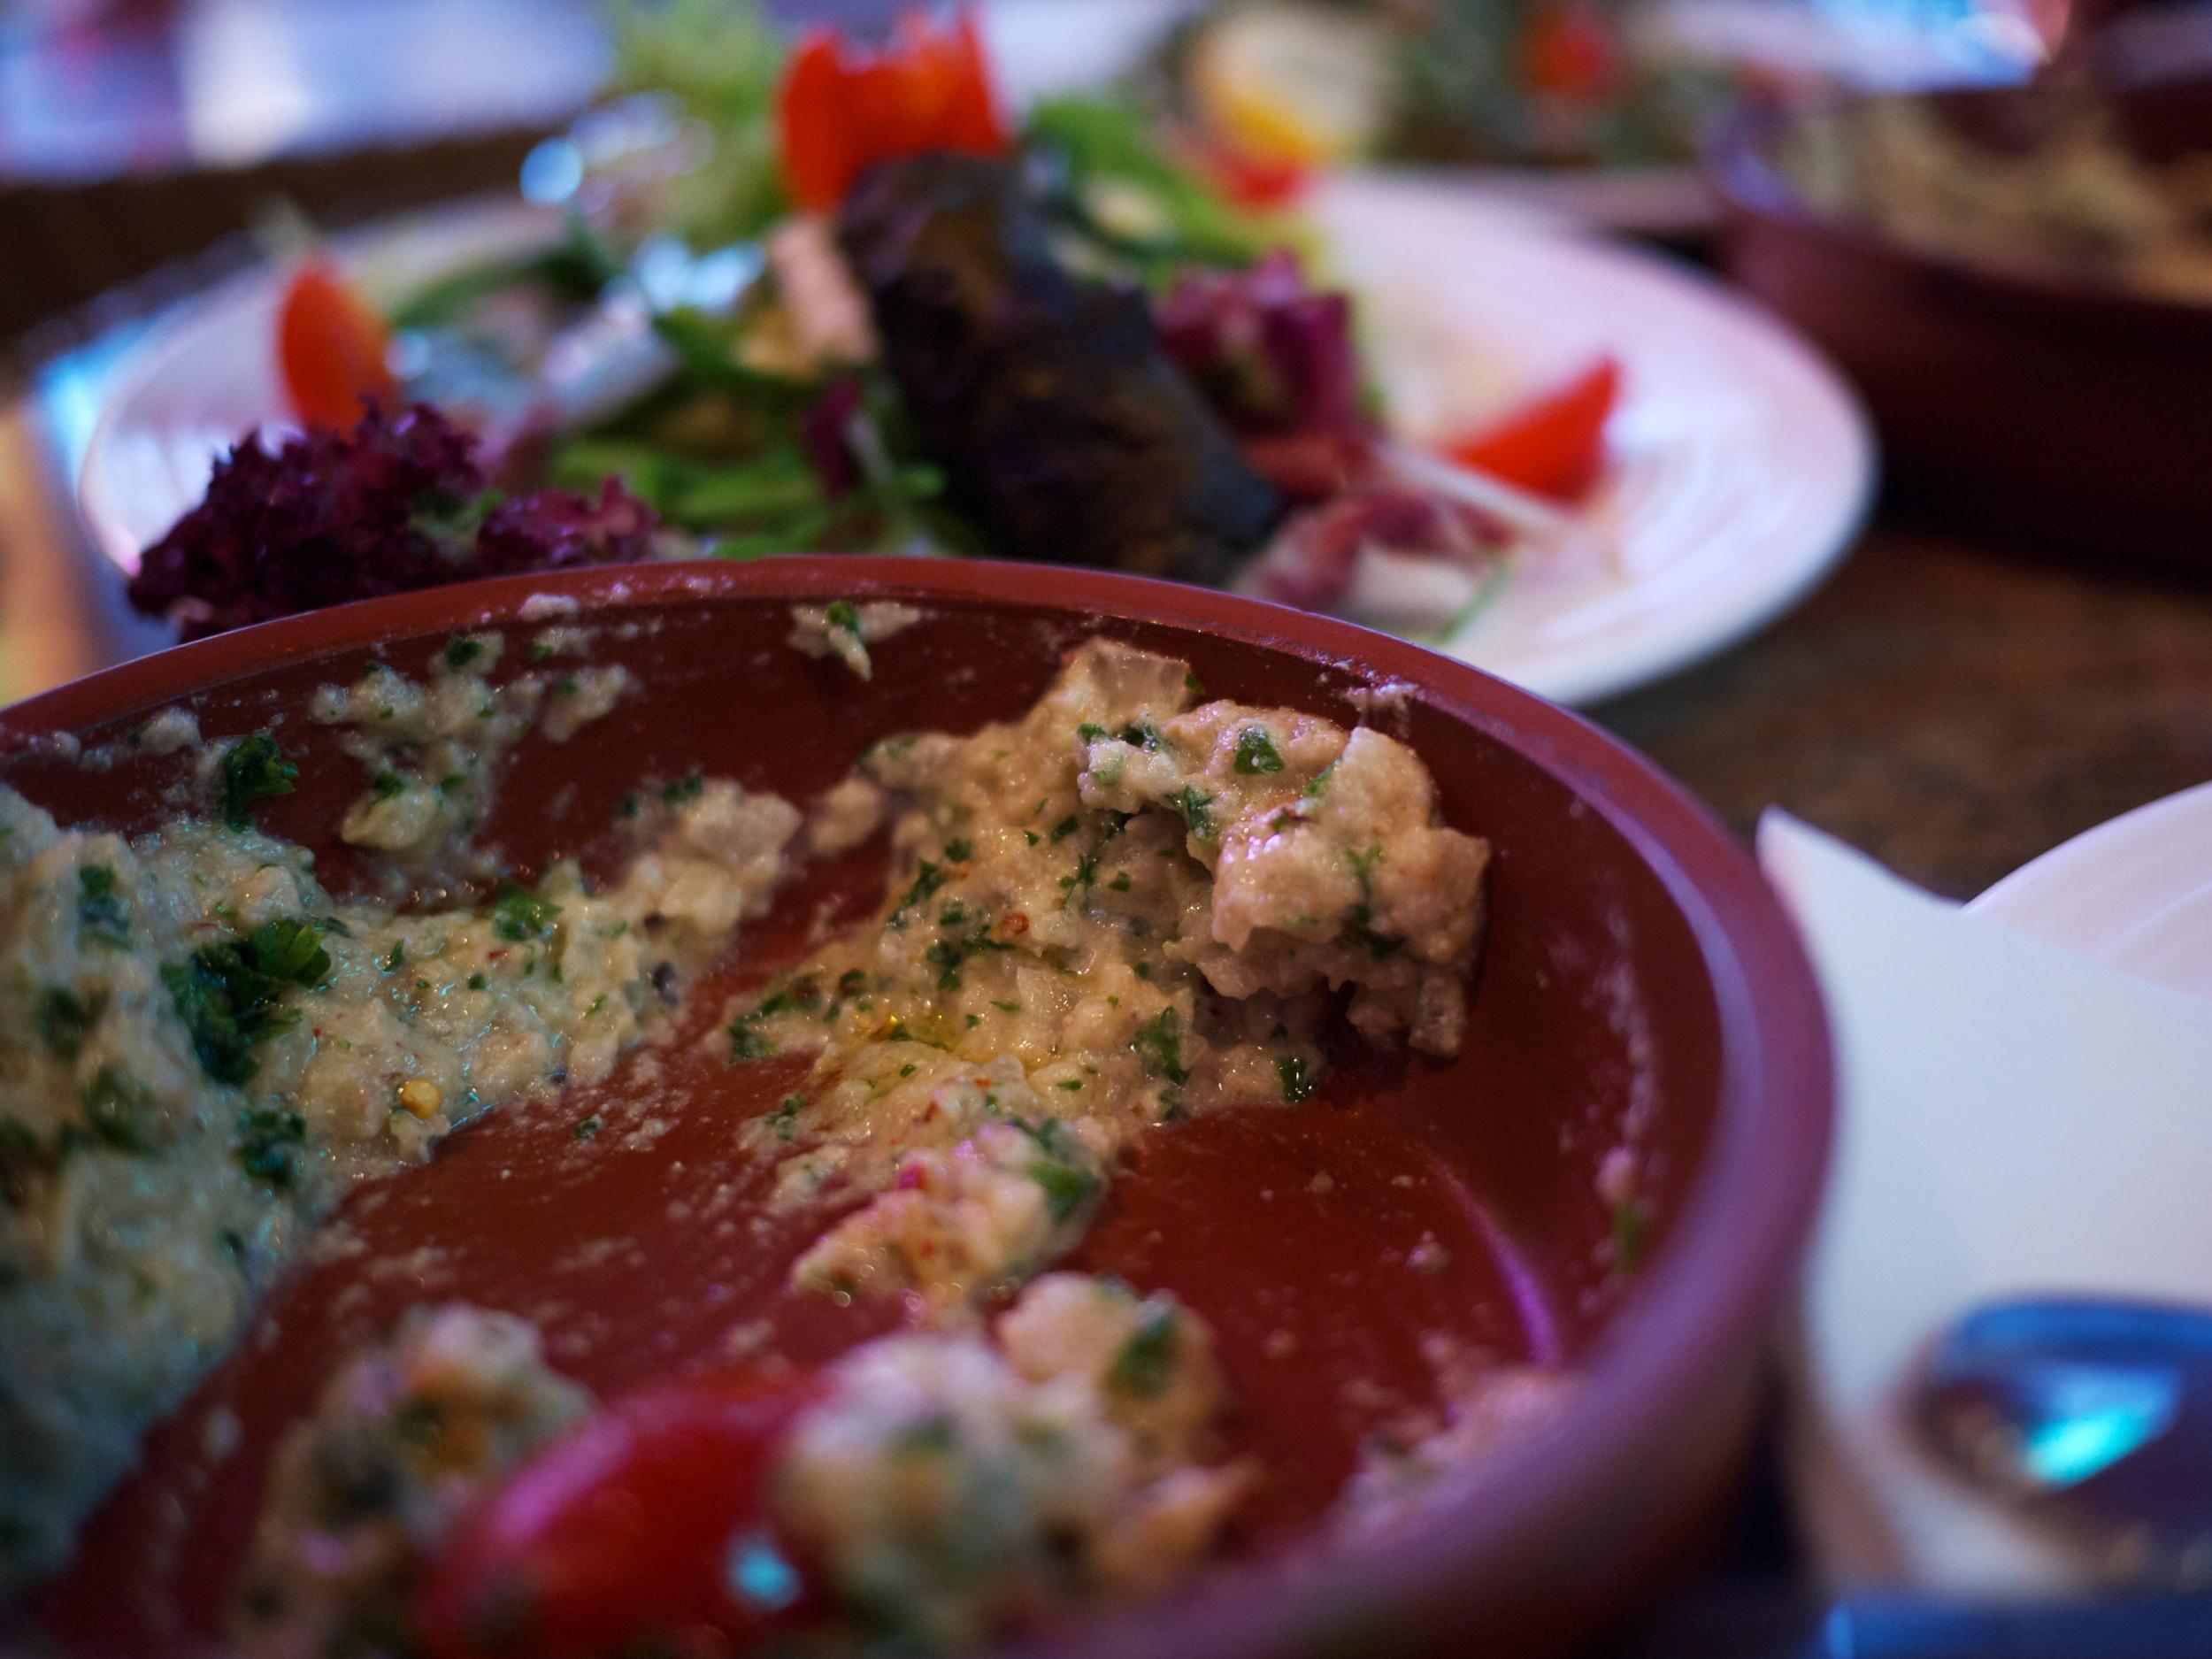 FOOD-Egyptian_2011-09-01_18-10-15_P1040158_©JosephLinaschke2011.jpg